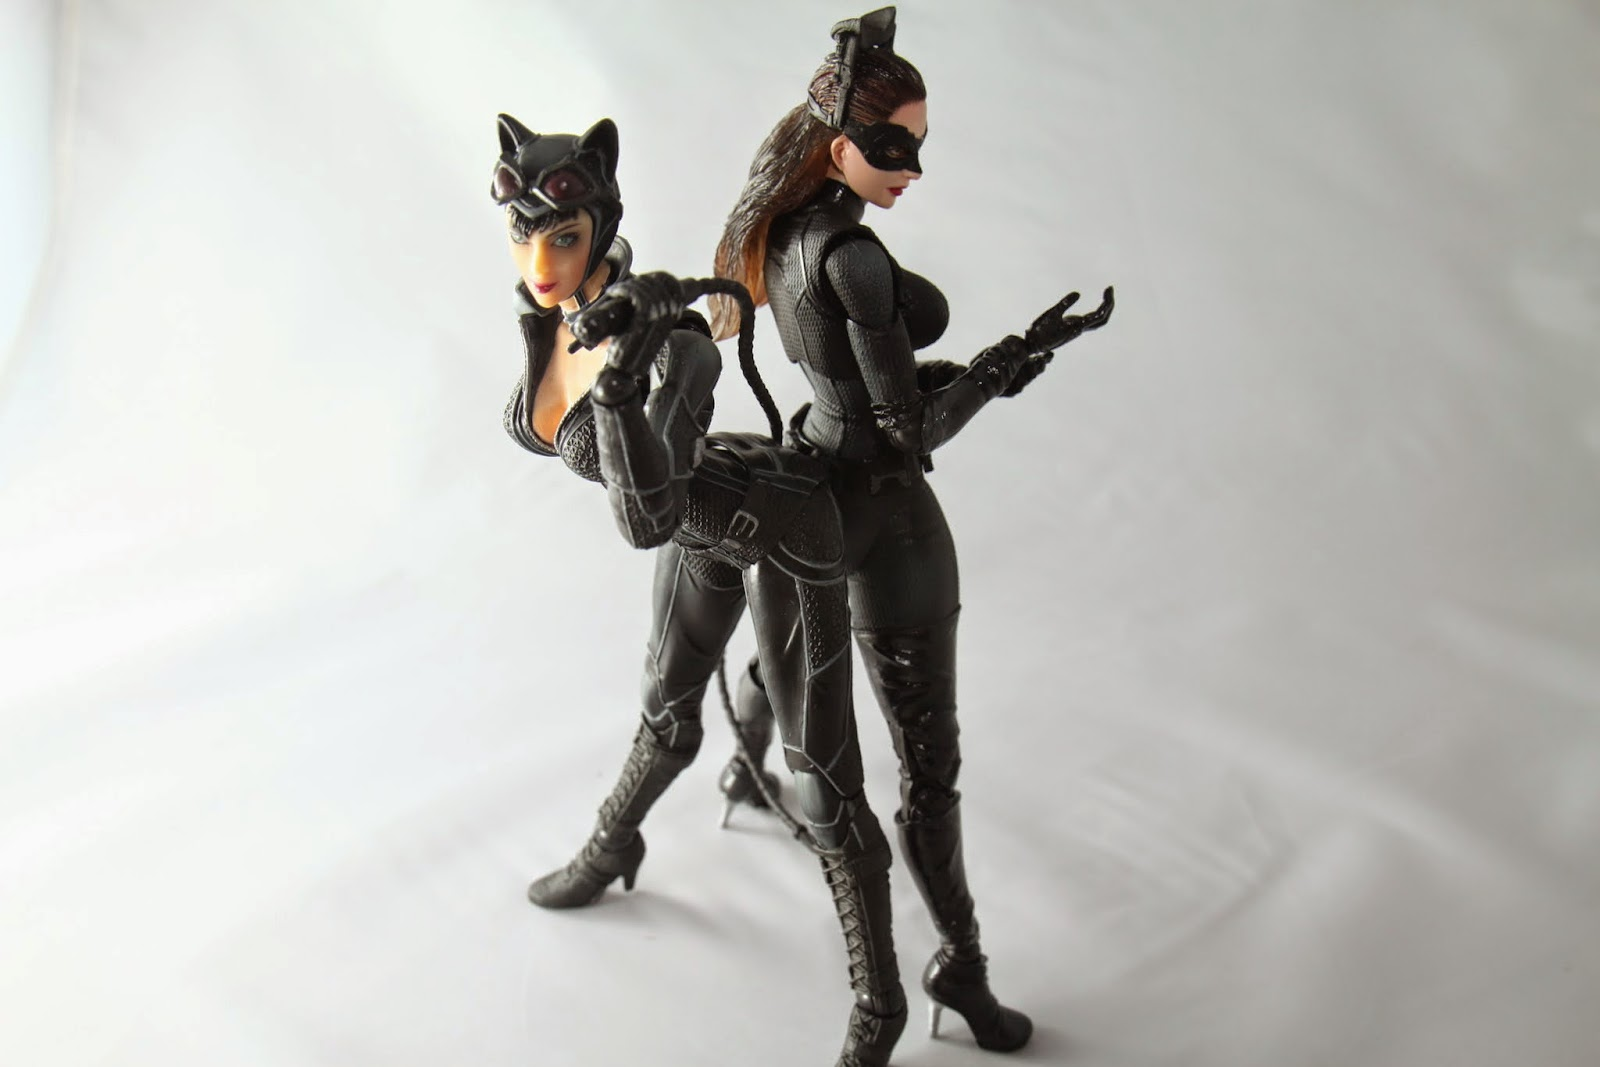 跟前一款貓女比 身高大概矮了一些 身形較為纖細 但是頭真的很大!還有屁股也是! 前一款屏除我買到的塗裝有點瑕疵外 整體評價我會給得比這款高